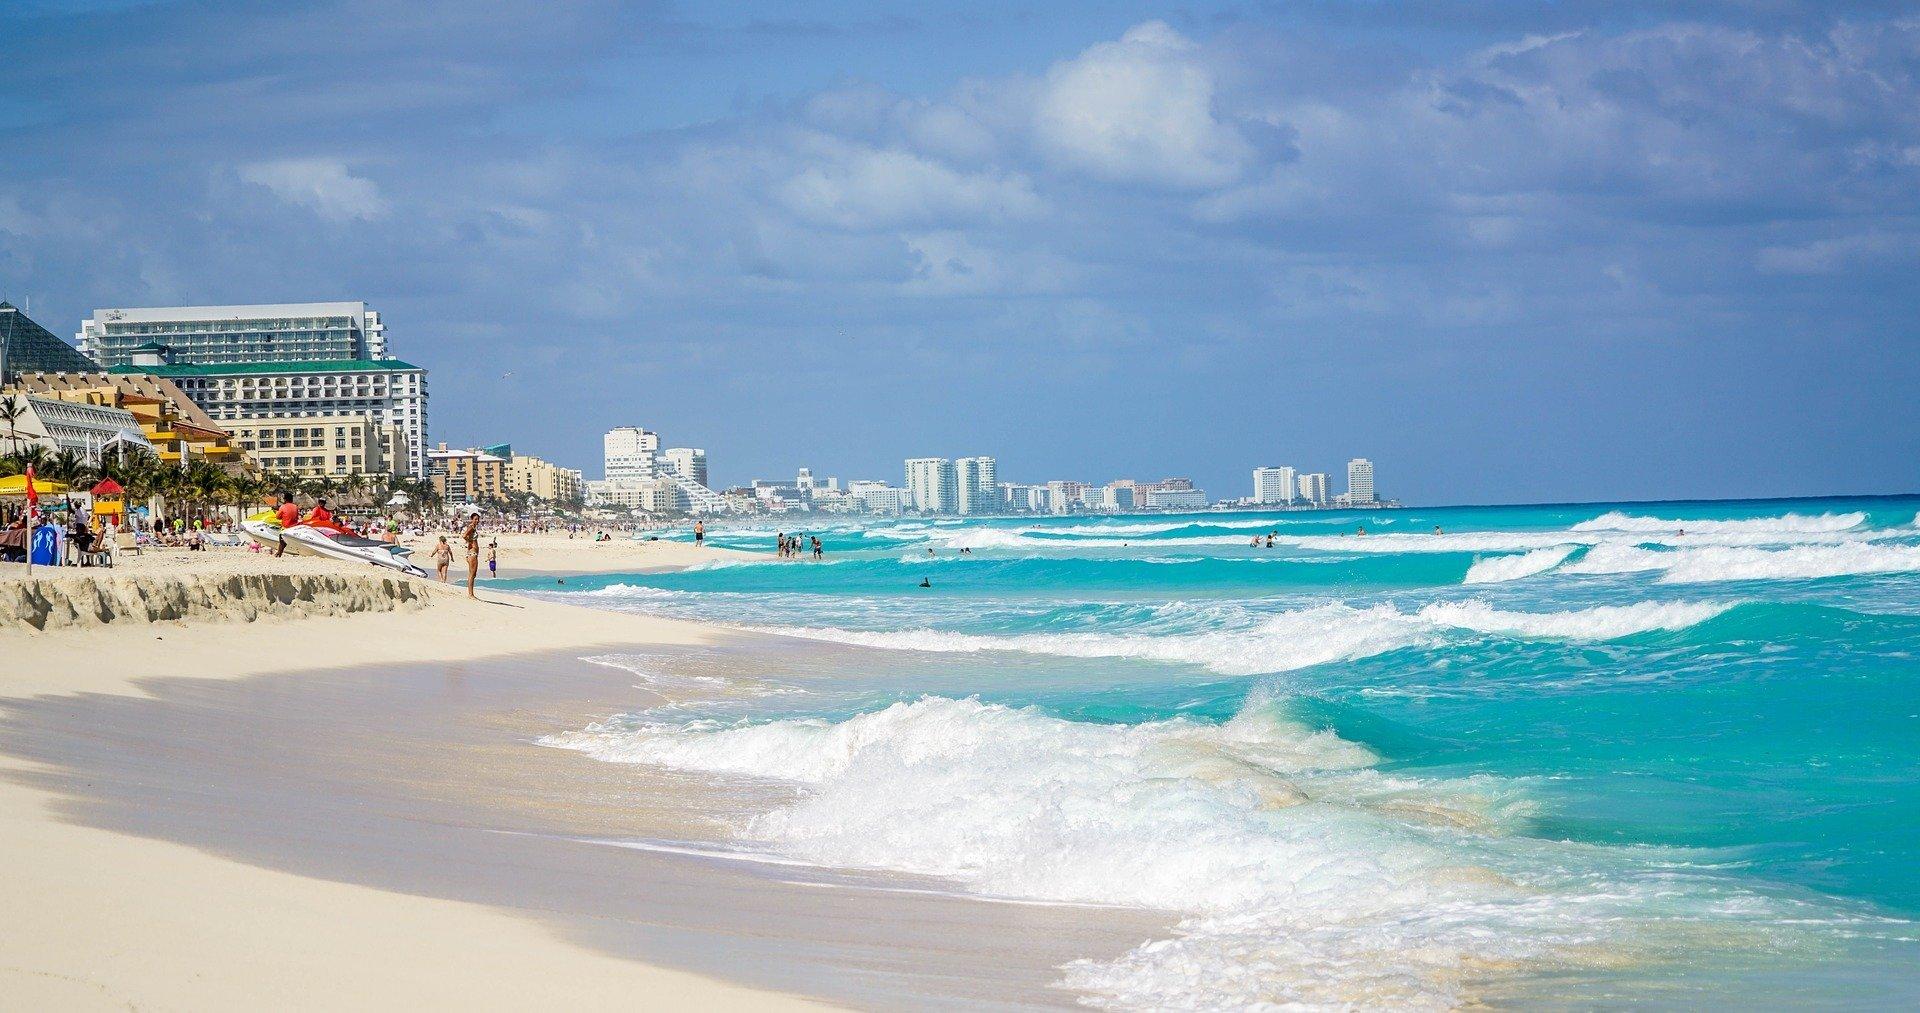 cómo viajar barato a cancún 5